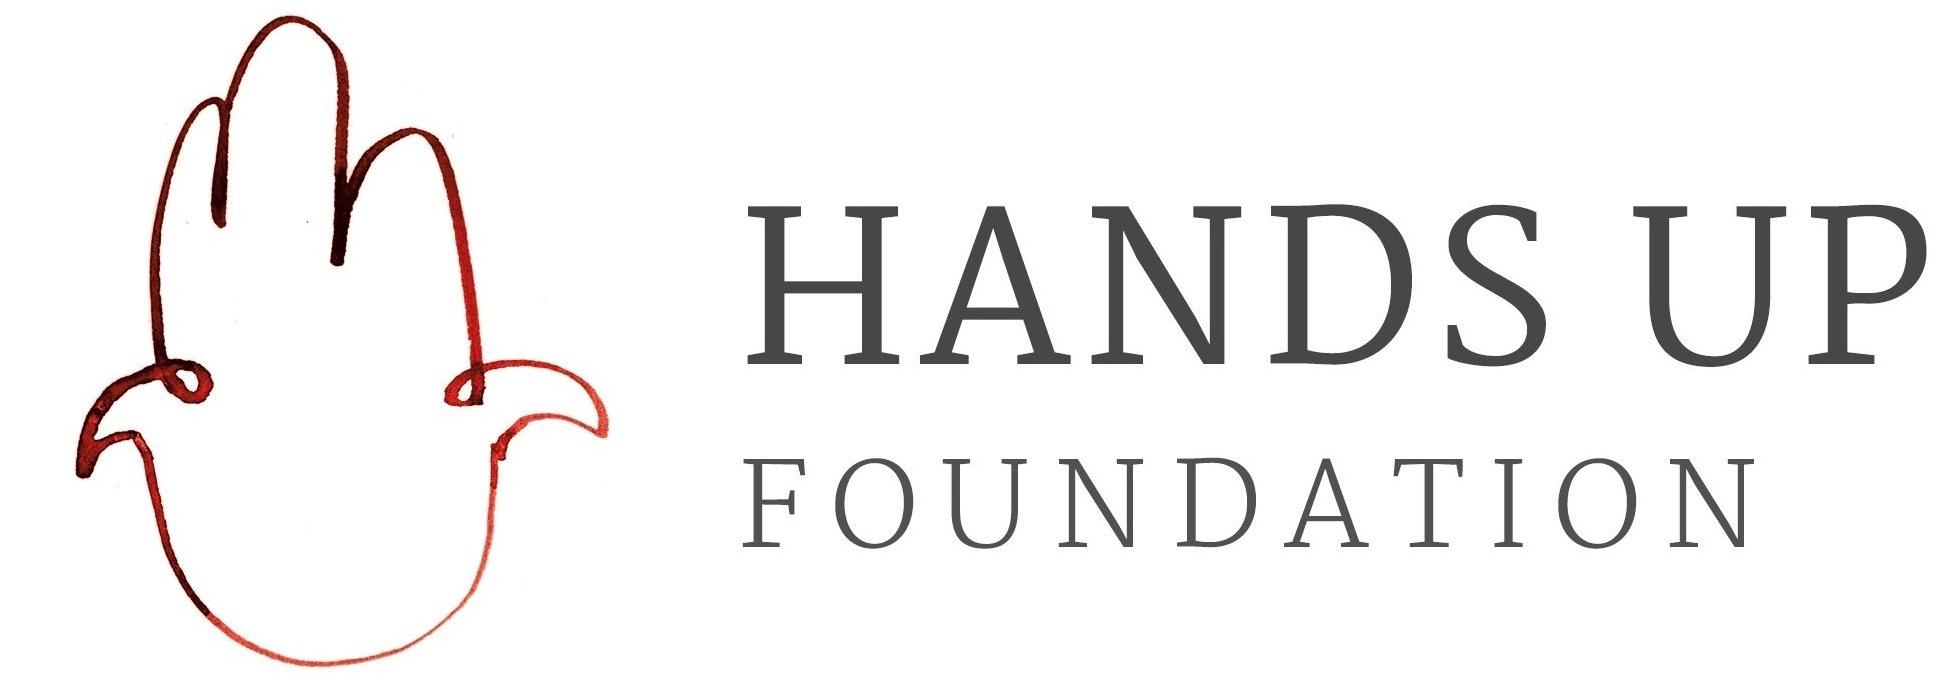 HandsUpfoundation-logo.jpg